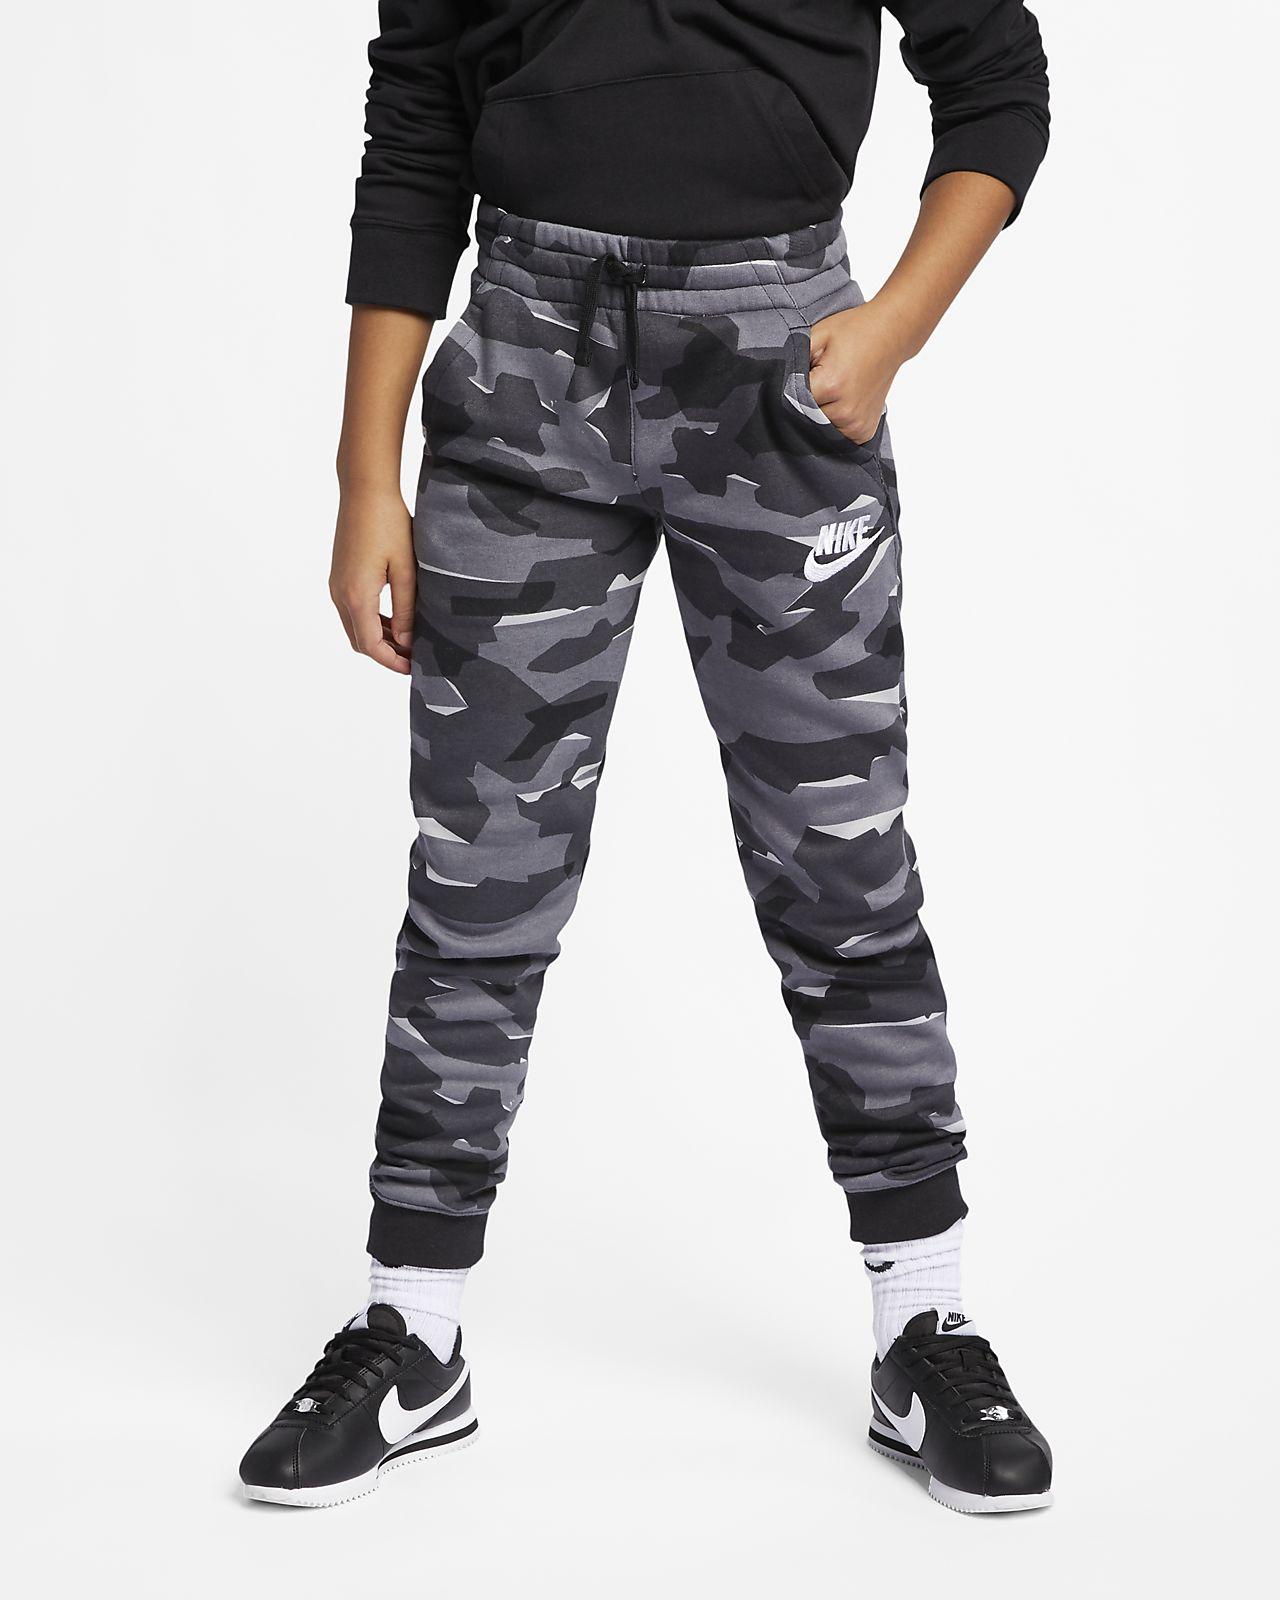 new style best selling cheap price Pantalon de jogging à imprimé camouflage Nike Sportswear pour Garçon plus  âgé